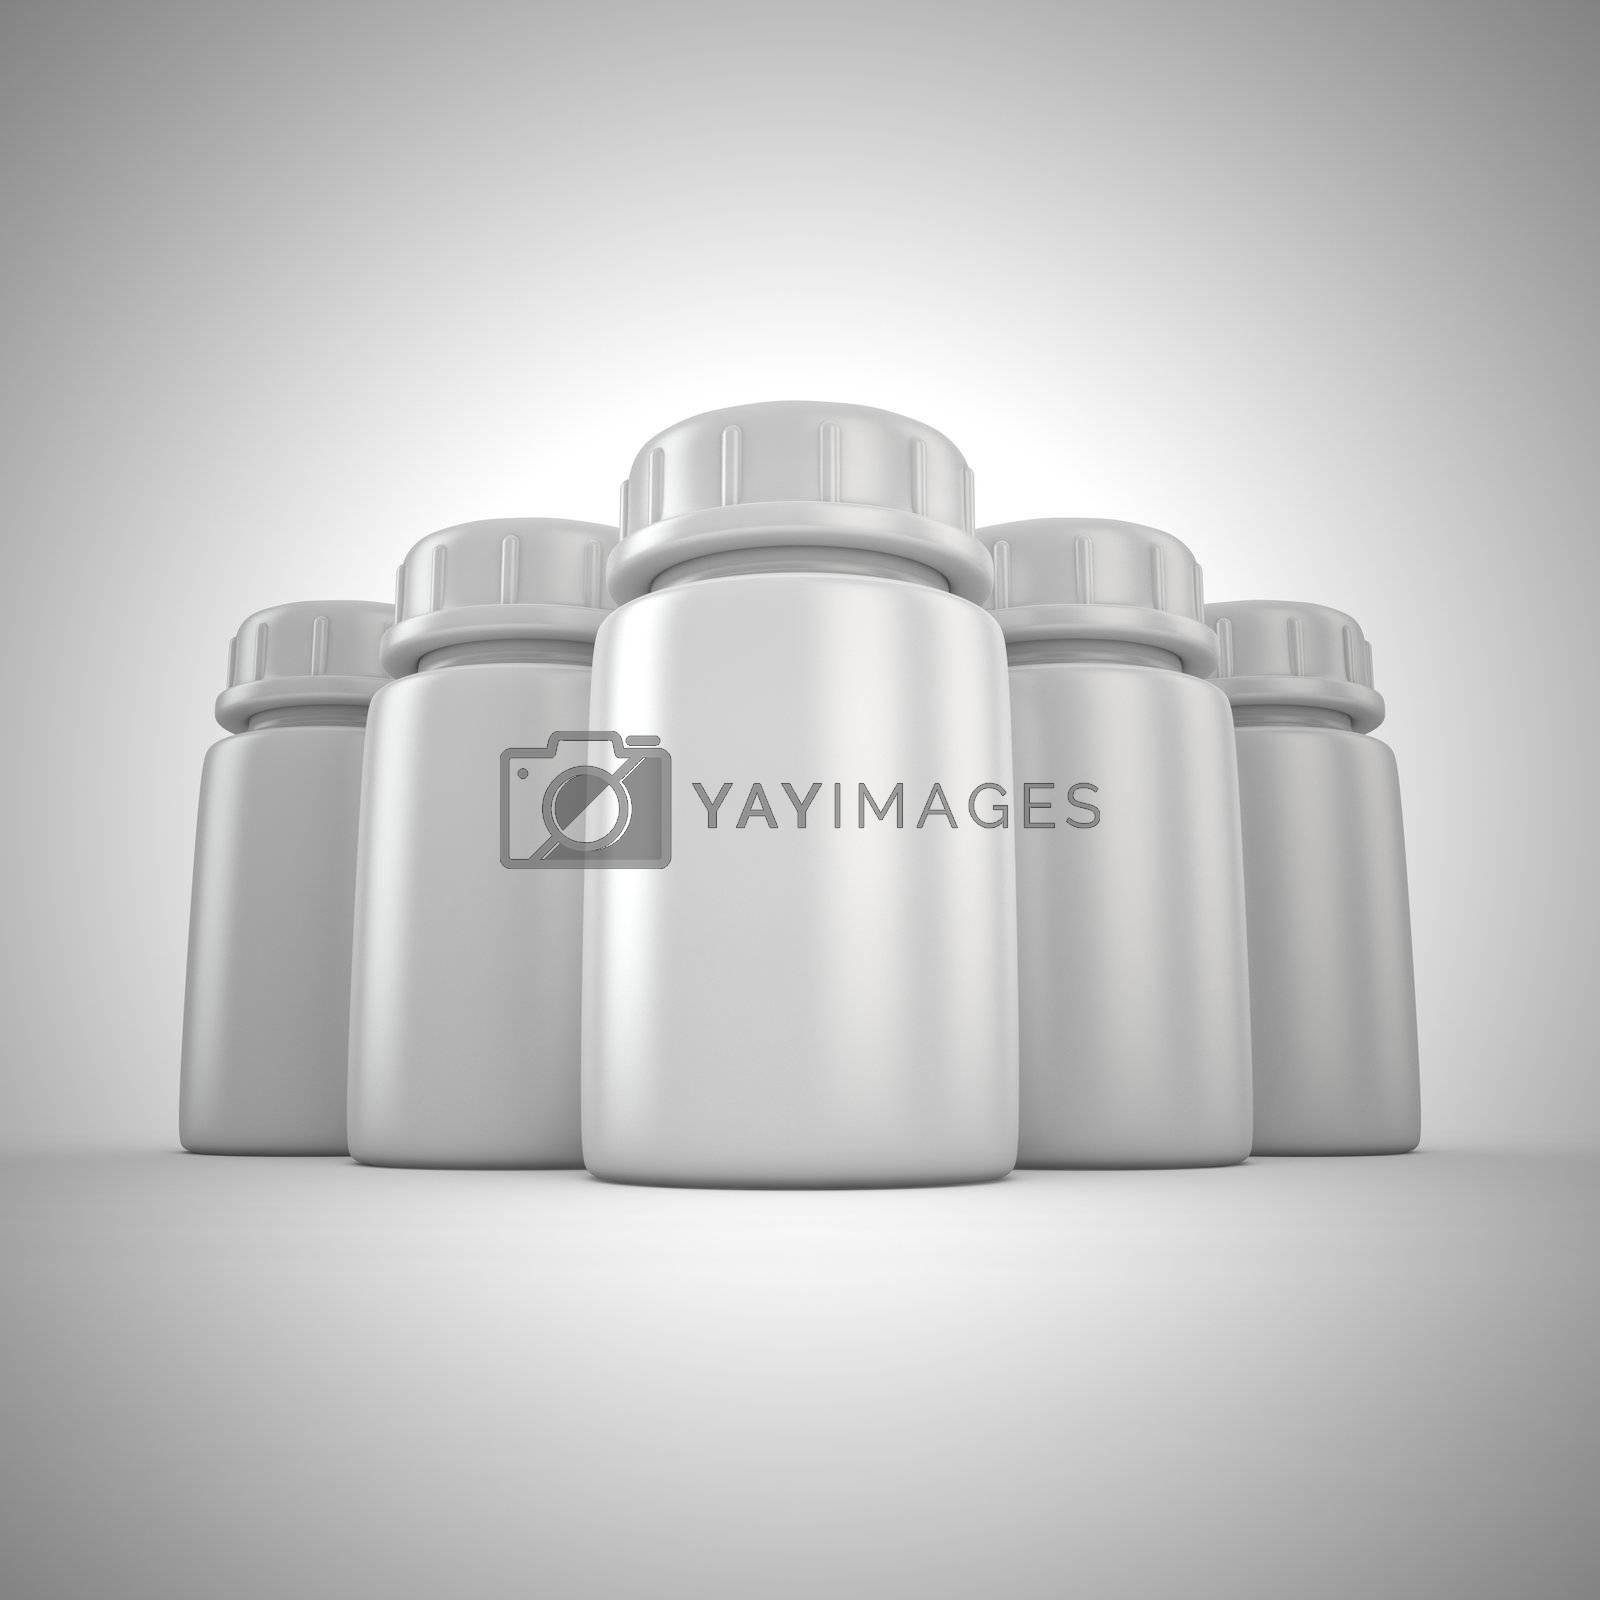 Group of blank pill bottles